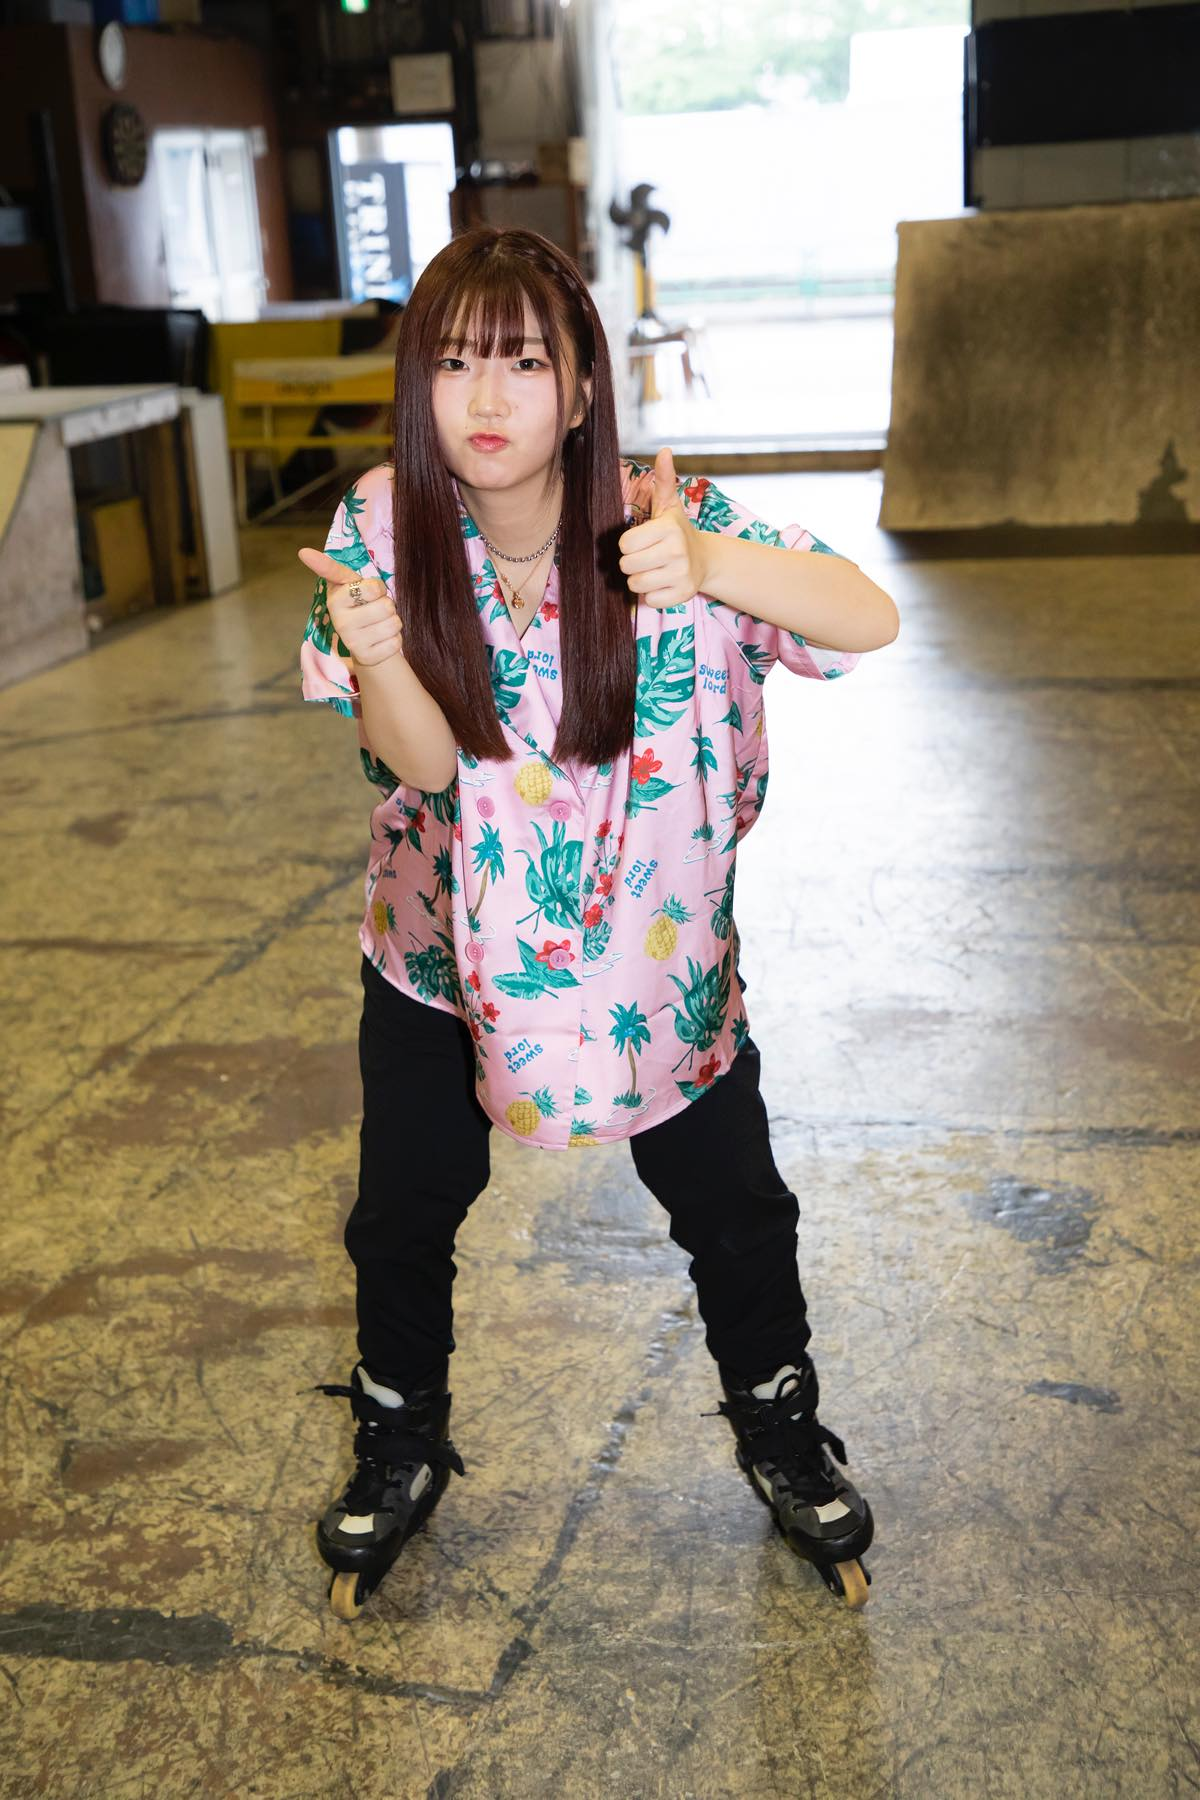 米田みいな「初めてのインラインスケートでなぜかにゃんこスターのモノマネ!?」【写真37枚】【連載】ラストアイドルのすっぴん!vol.21の画像028